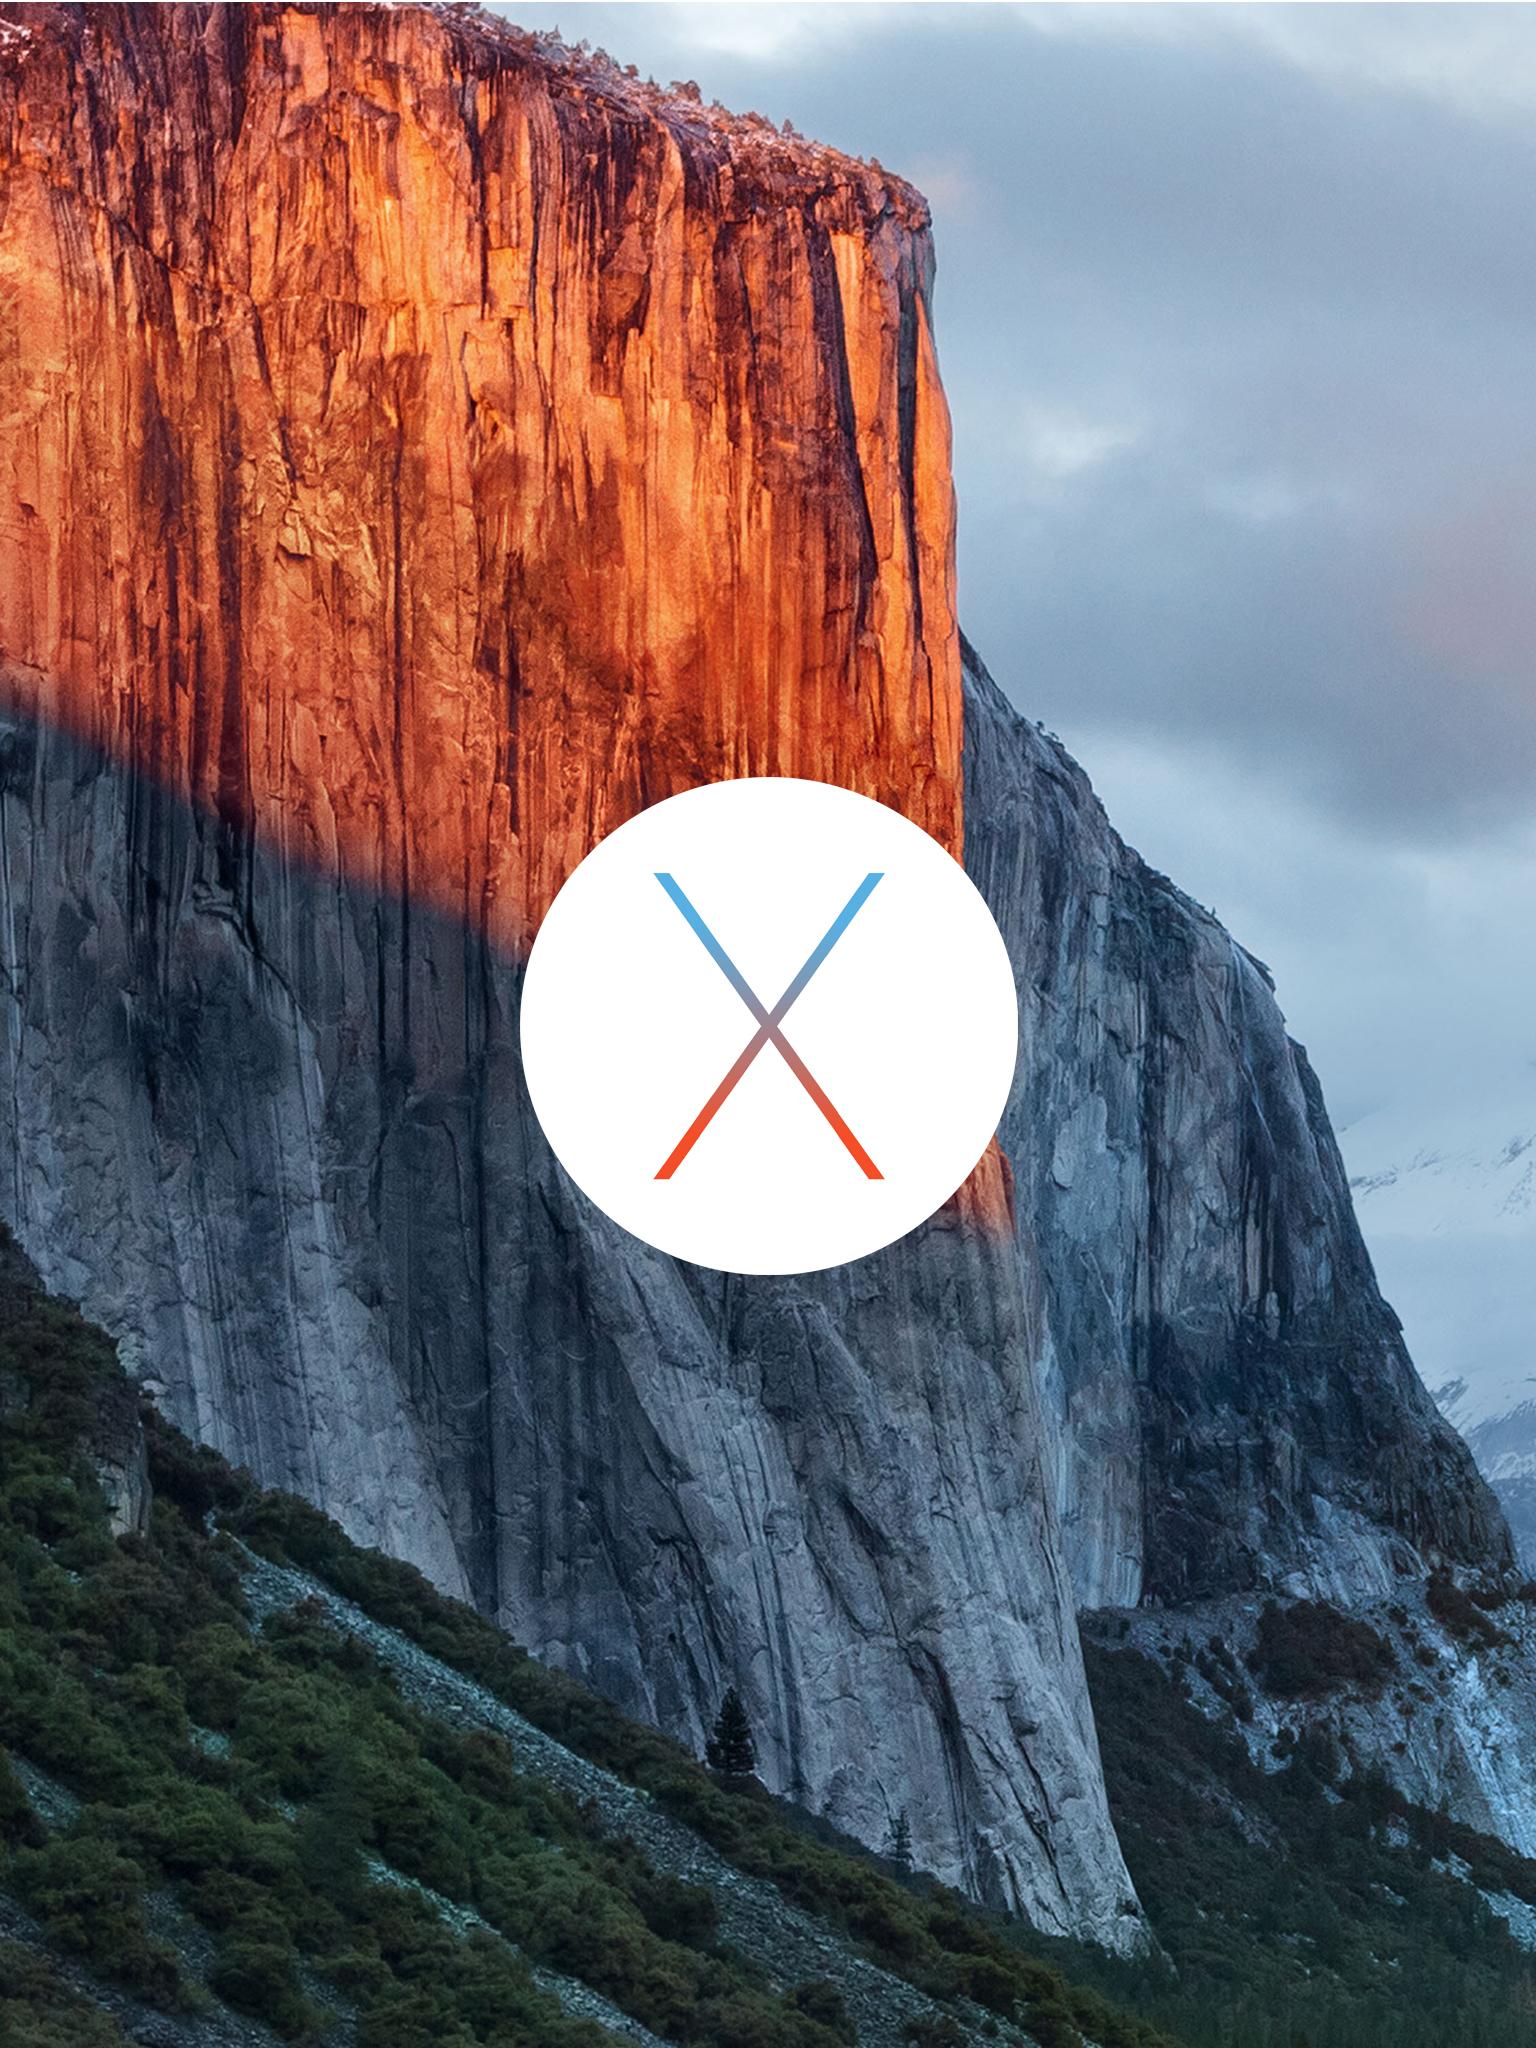 Iphone Default Wallpaper Official Os X El Capitan Wallpaper For Iphone Ipad Desktop